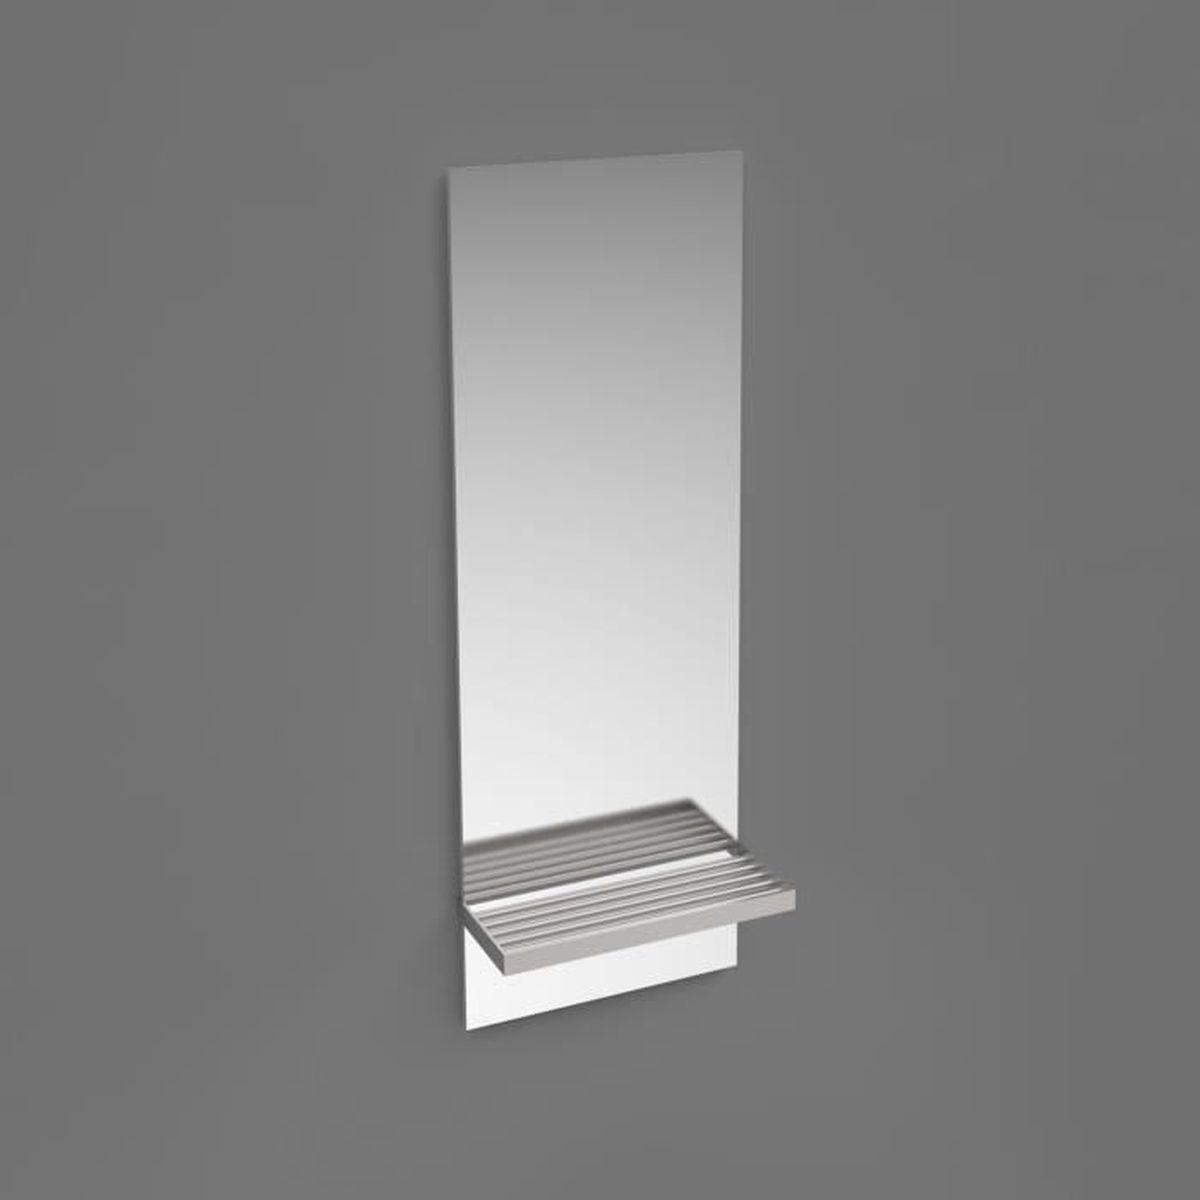 Miroir Salle De Bain H60 X L28 X P11 Cm Avec Support étagère Verre Et Métal  Chromé